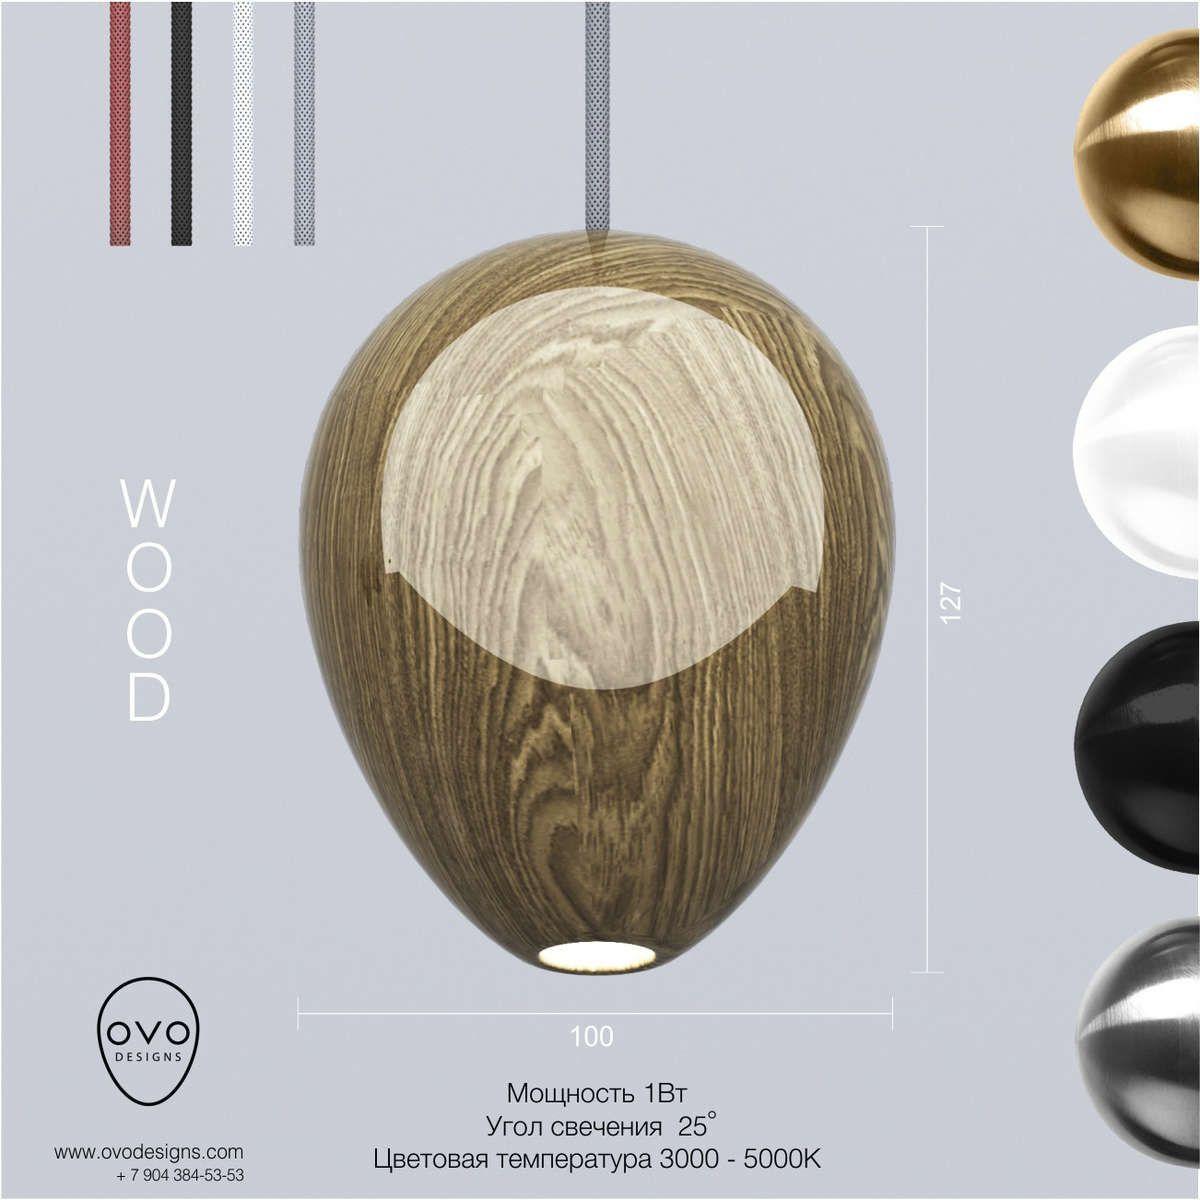 Светильник CLOUD Коллекция OVO OVO-WOOD-1W-2700K-25Deg